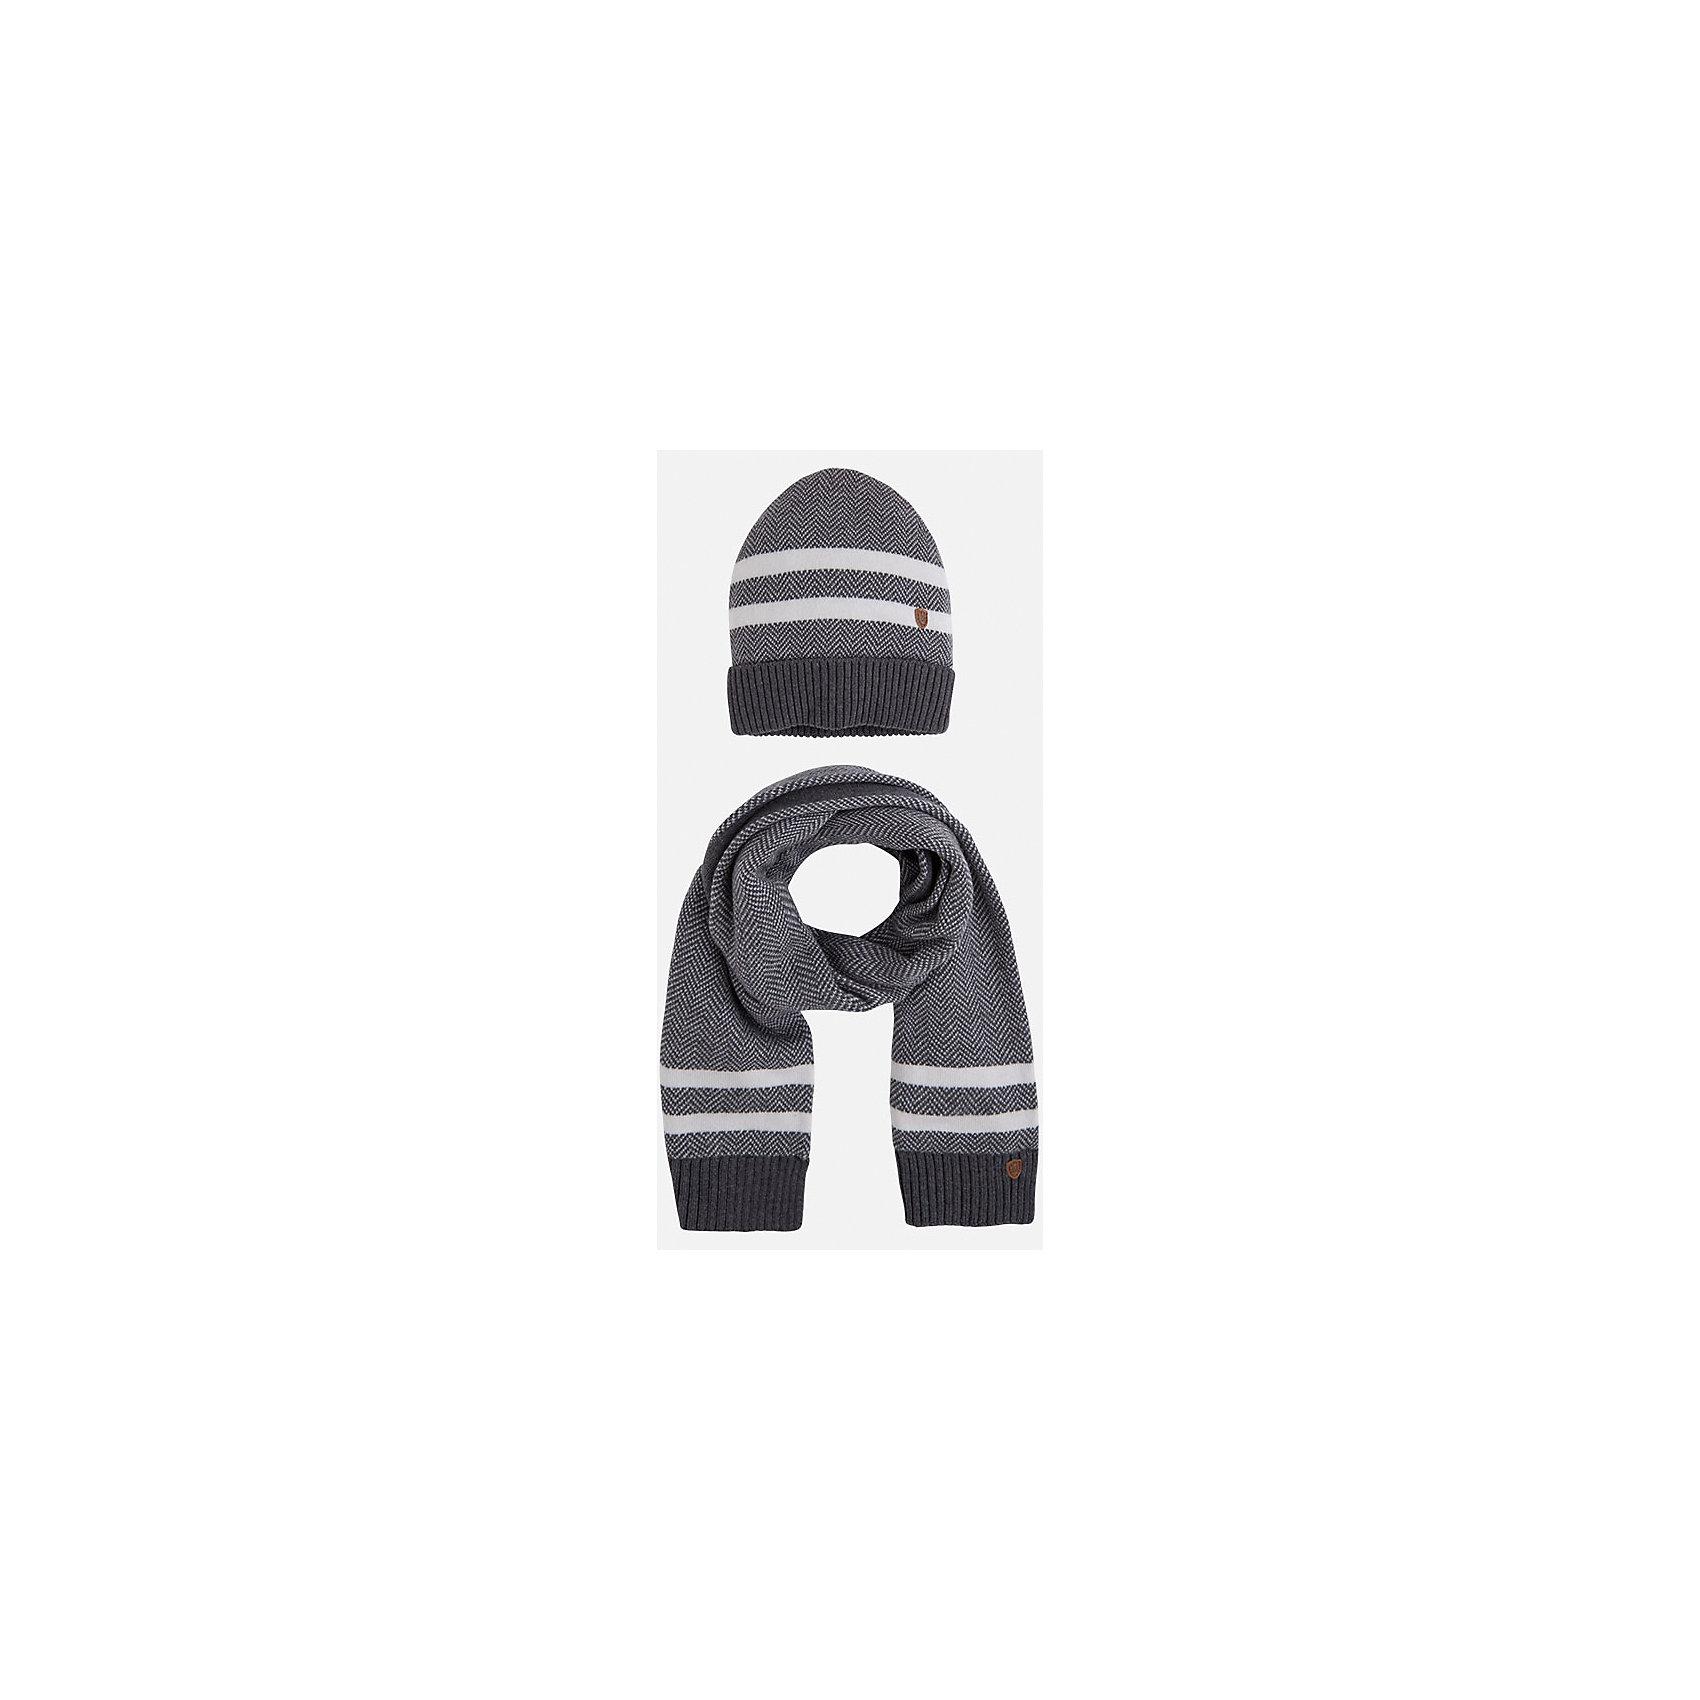 Комплект: шапка-шарф для мальчика MayoralДемисезонные<br>Комплект из шарфа и шапки для мальчика от известного испанского бренда Mayoral. Комплект изготовлен из дышащих материалов. Шапка имеет надежную резинку в основании. Дизайн с полосками и маленькой эмблемой марки отлично подойдет для юных модников.<br>Дополнительная информация:<br>-цвет: серый с белыми полосками<br>-состав: 60% хлопок, 30% полиамид, 10% шерсть<br>Комплект из шапки и шарфа Mayoral можно приобрести в нашем интернет-магазине<br><br>Ширина мм: 89<br>Глубина мм: 117<br>Высота мм: 44<br>Вес г: 155<br>Цвет: серый<br>Возраст от месяцев: 24<br>Возраст до месяцев: 36<br>Пол: Мужской<br>Возраст: Детский<br>Размер: 54,52,50<br>SKU: 4820185